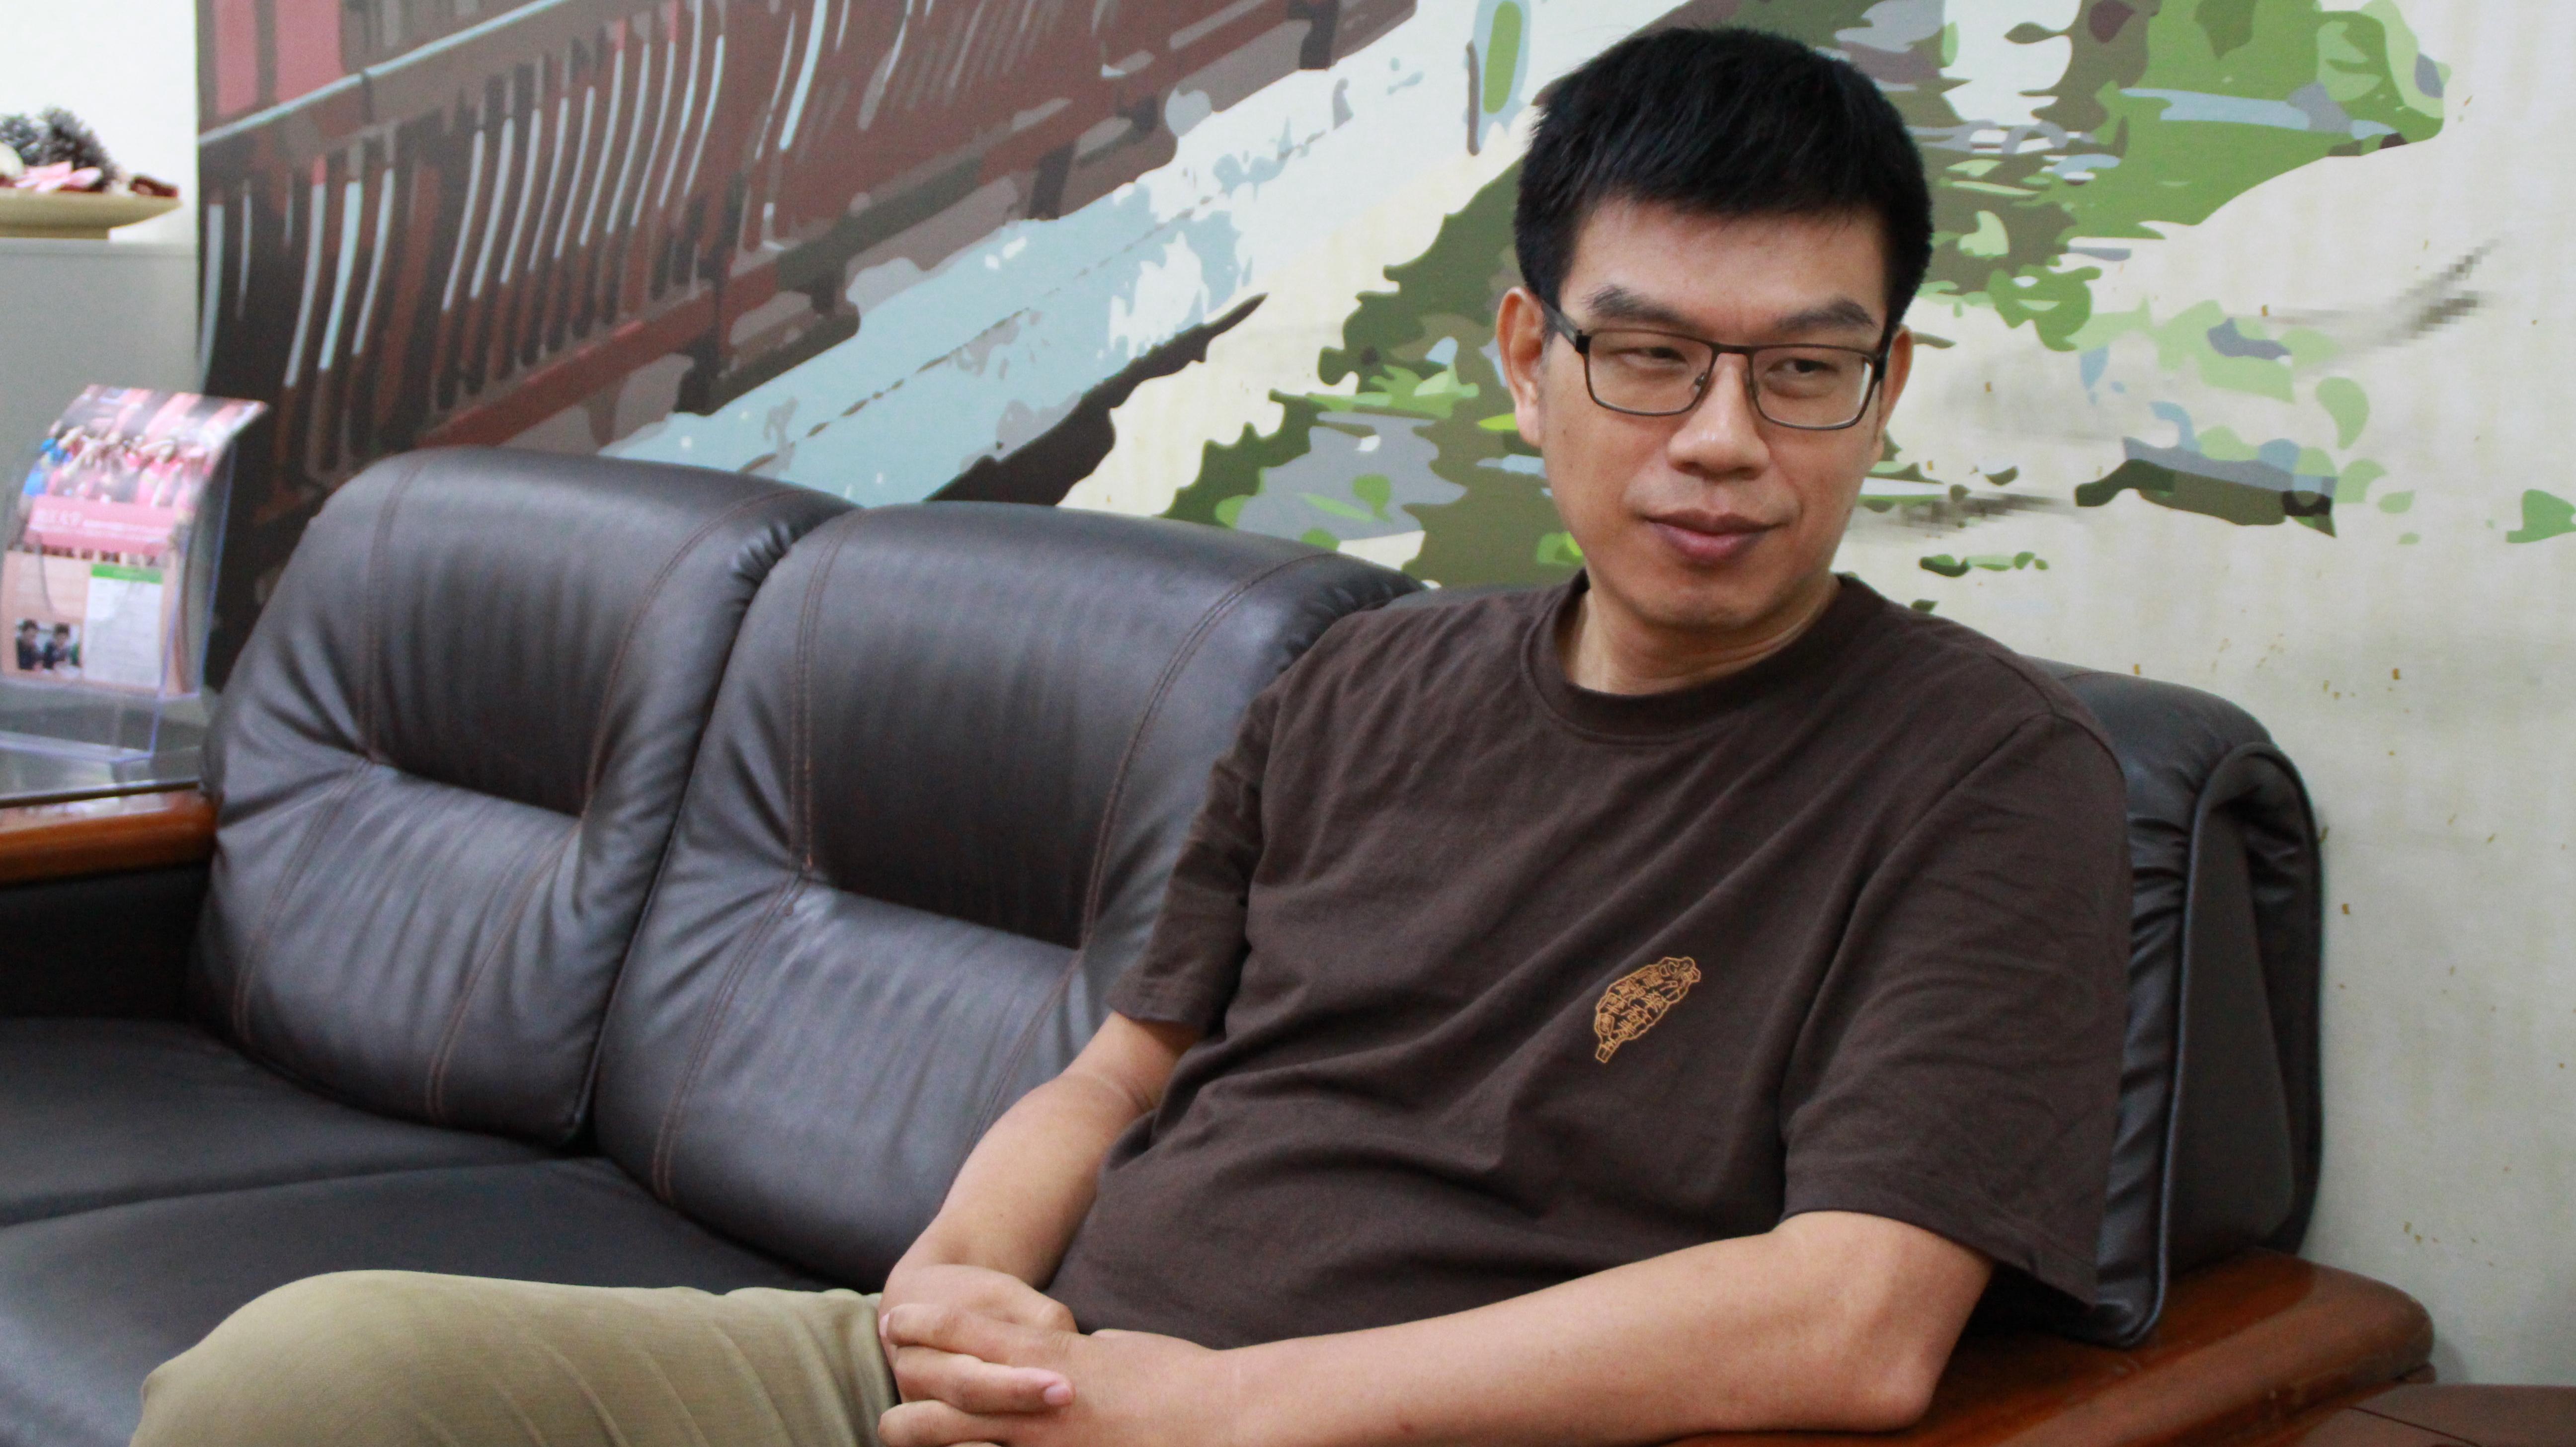 淡江華語文中心主任周湘華表示,期待透過政府力量台灣各地共同為華語文推廣努力。攝影/莊詠豪